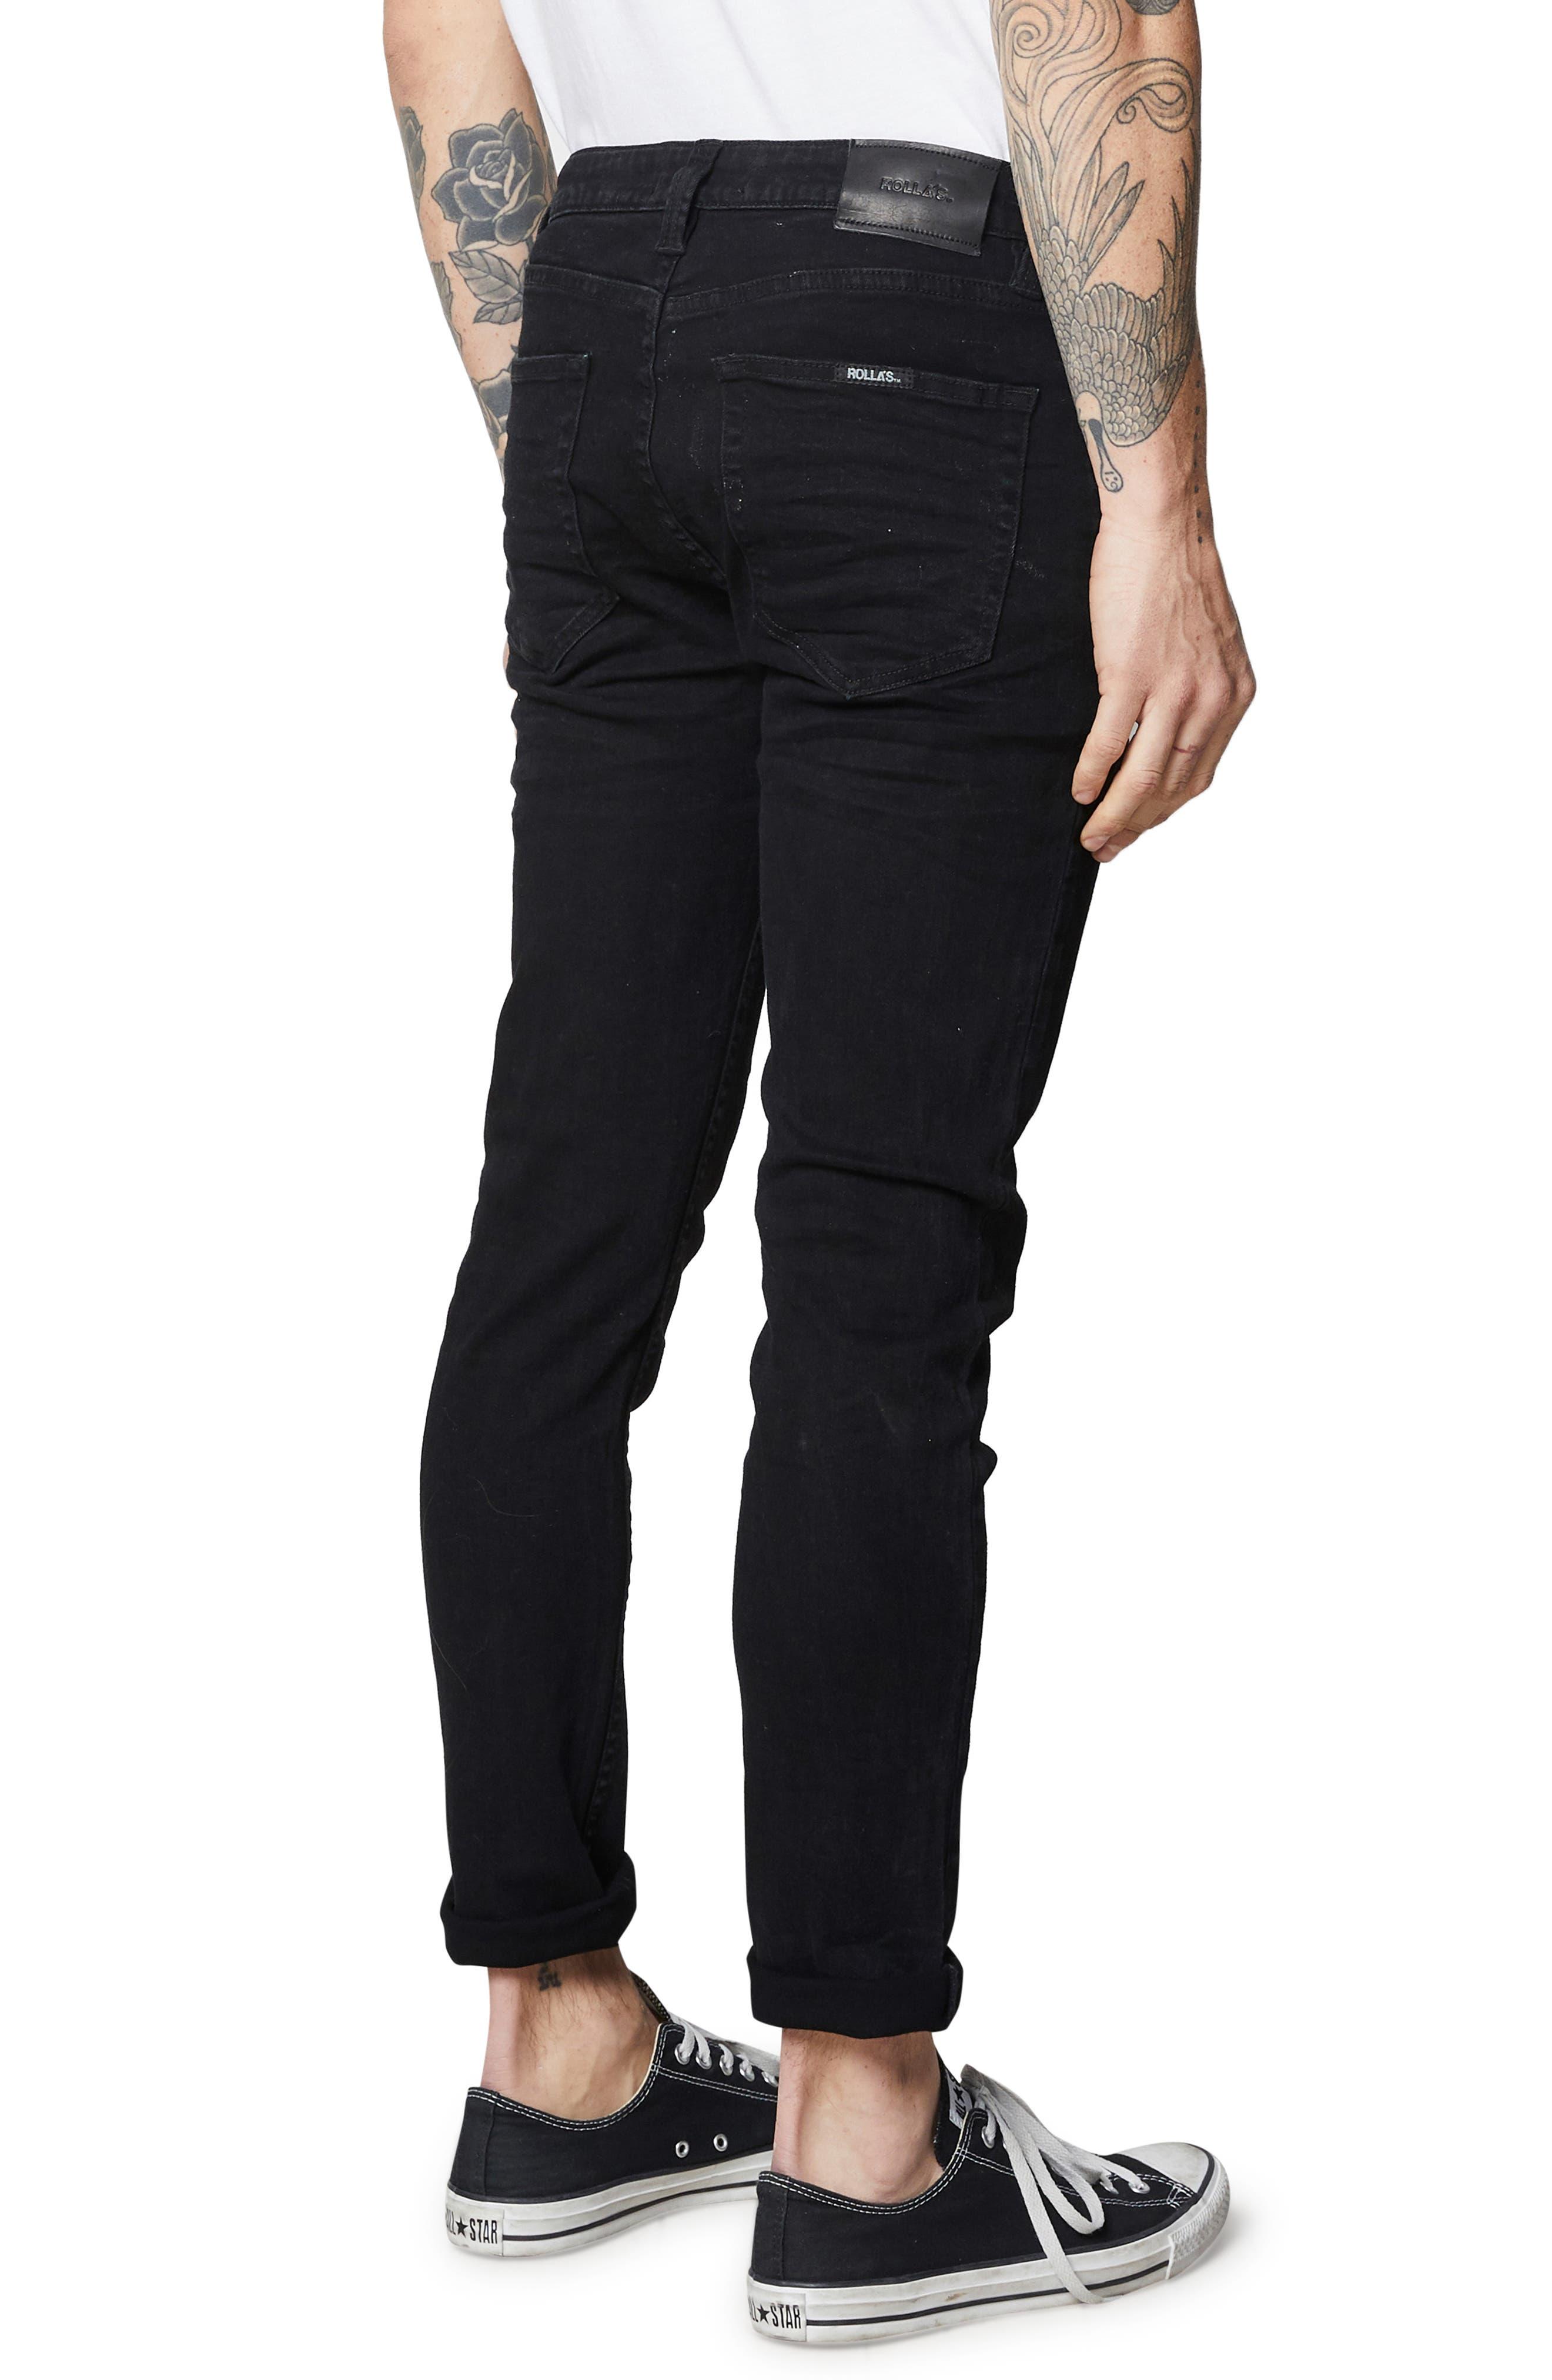 Rollies Slim Fit Jeans,                             Alternate thumbnail 4, color,                             BLACK RAVEN